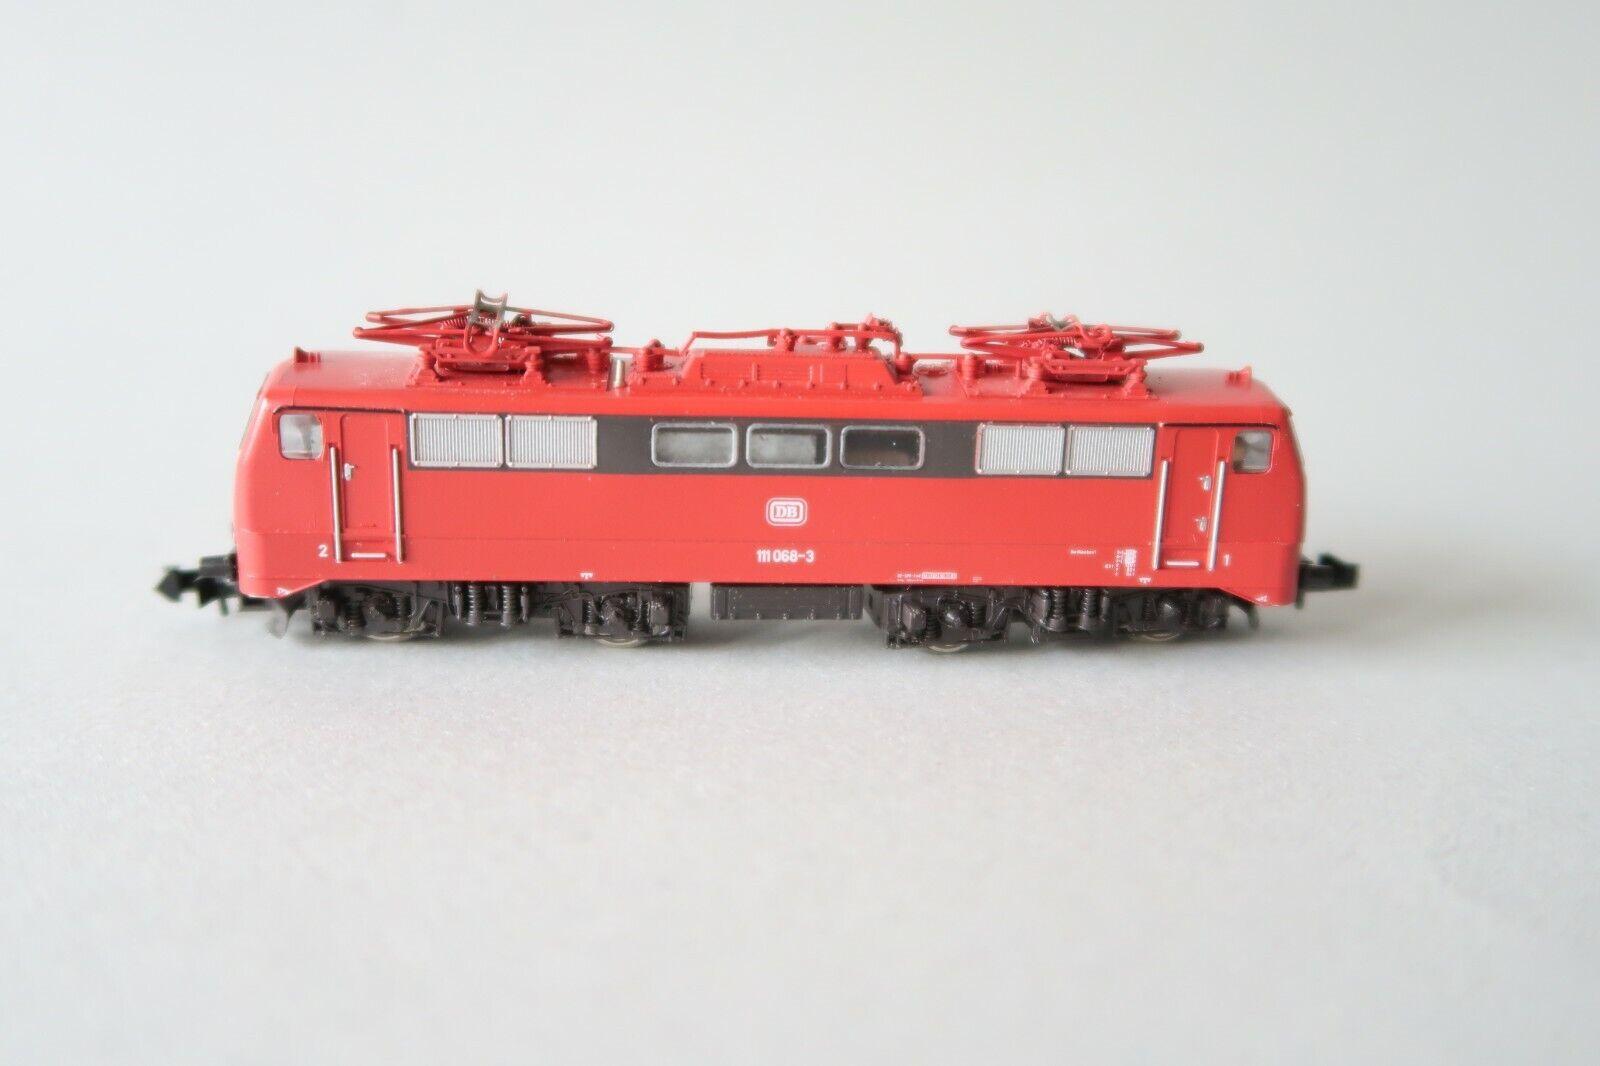 economico Minitrix N 12932 12932 12932 E-Lok BR 111 068-3 DB (dv030-37s4 2)  una marca di lusso